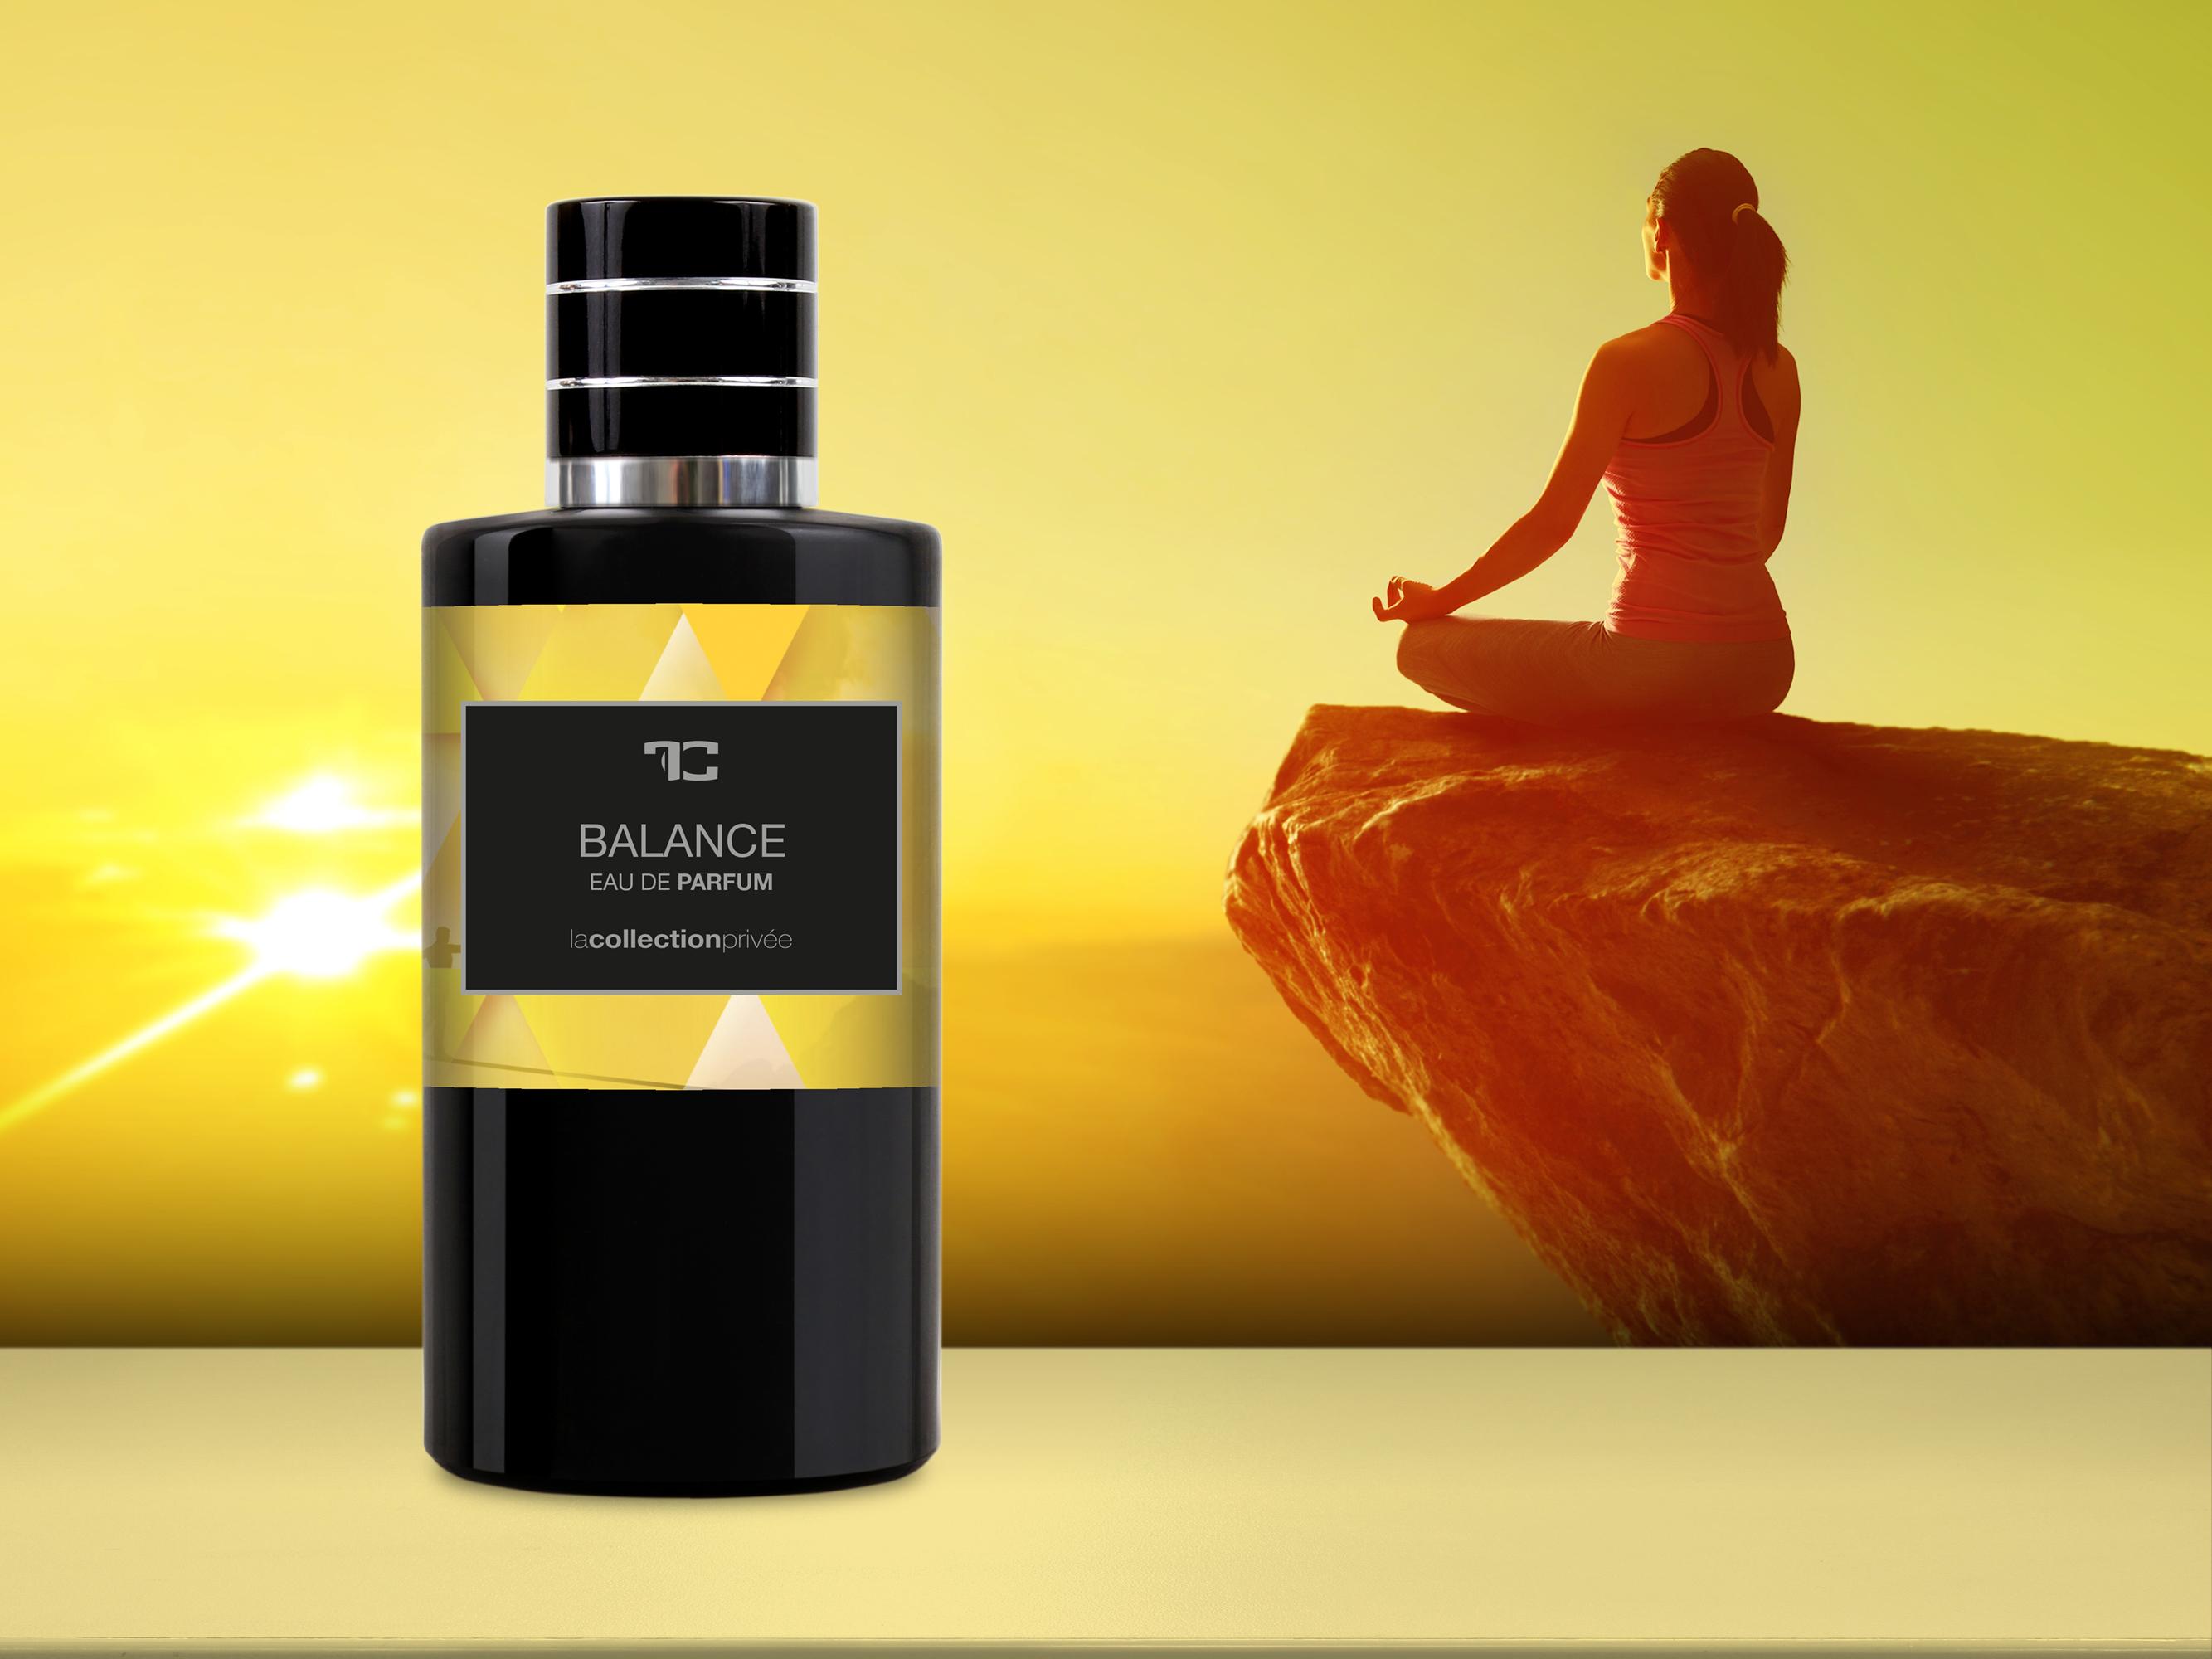 EAU DE PARFUM balance, parfémová voda, LA COLLECTION PRIVÉE